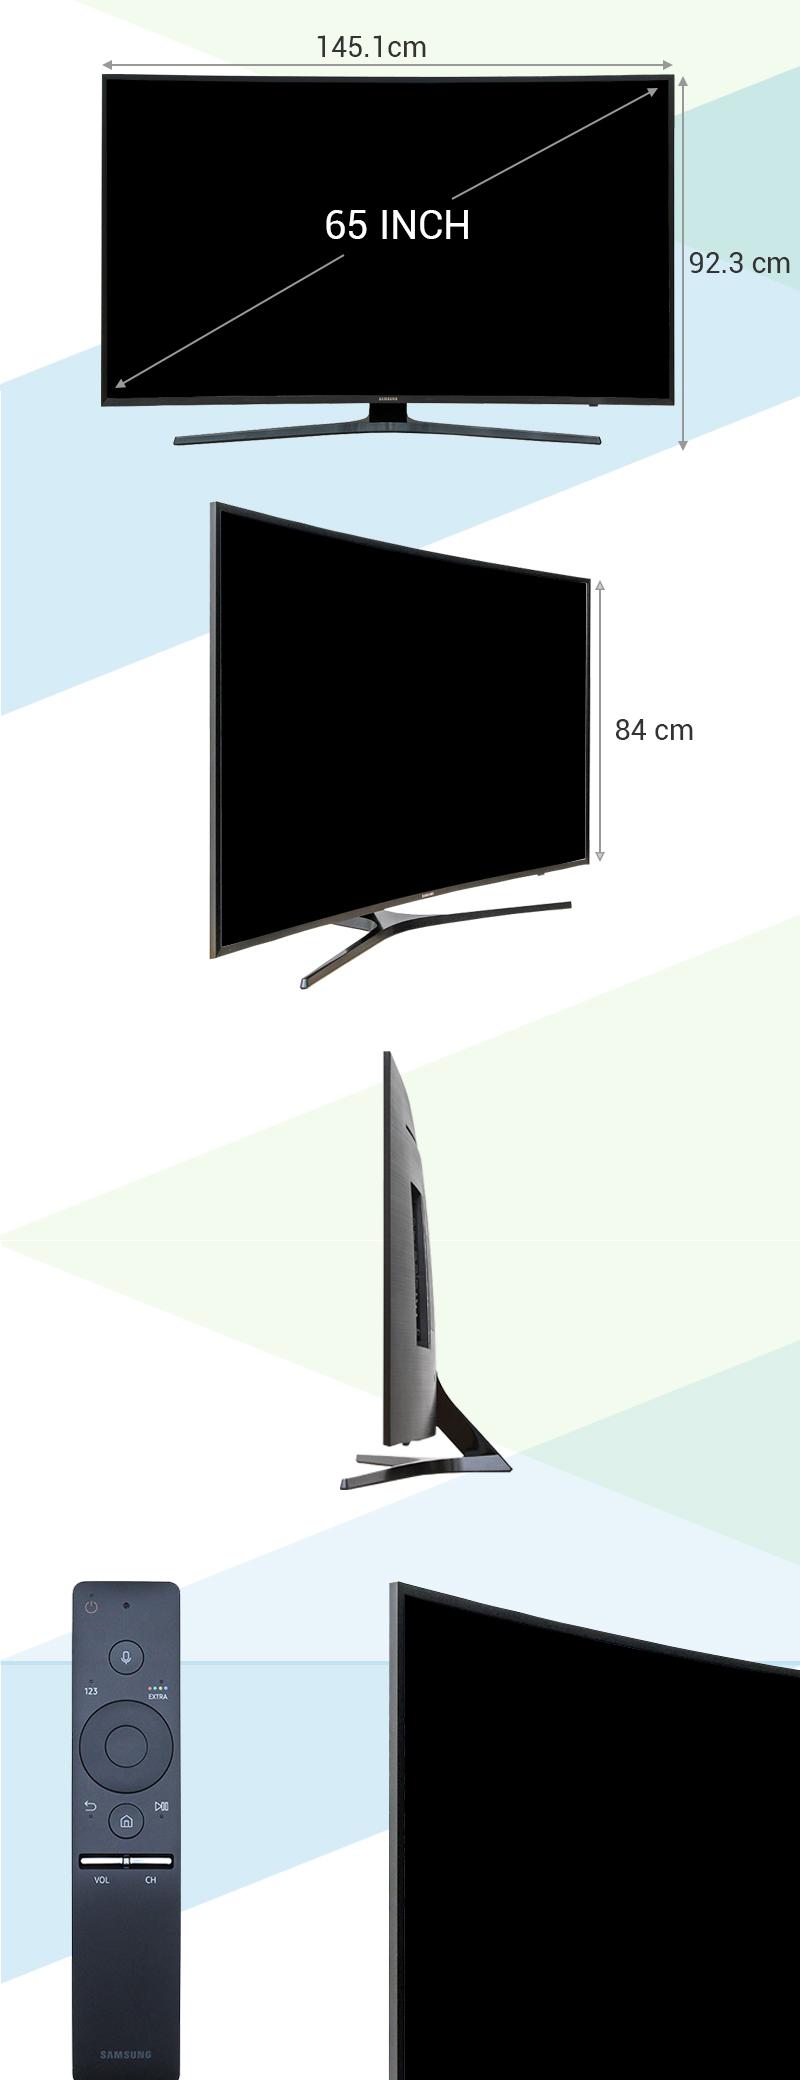 Smart Tivi Cong Samsung 65 inch UA65KU6500 - Kích thước TV